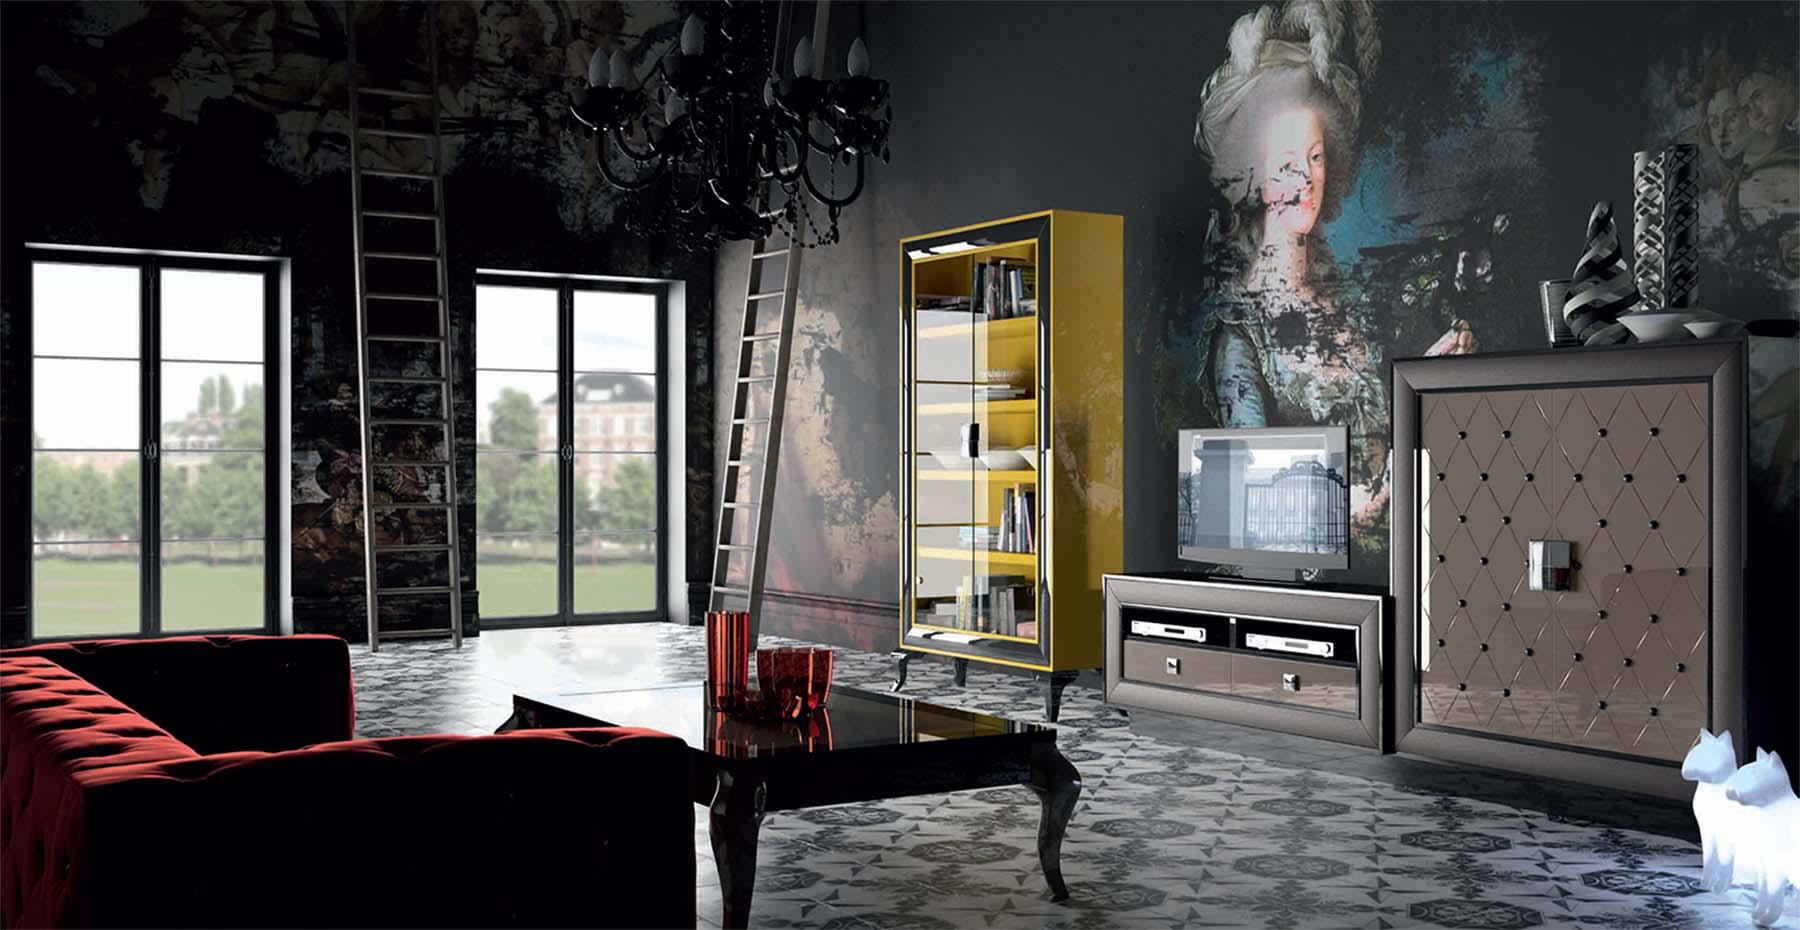 Comprar sofas en zaragoza stunning top butaca danubio for Milanuncios pisos zaragoza